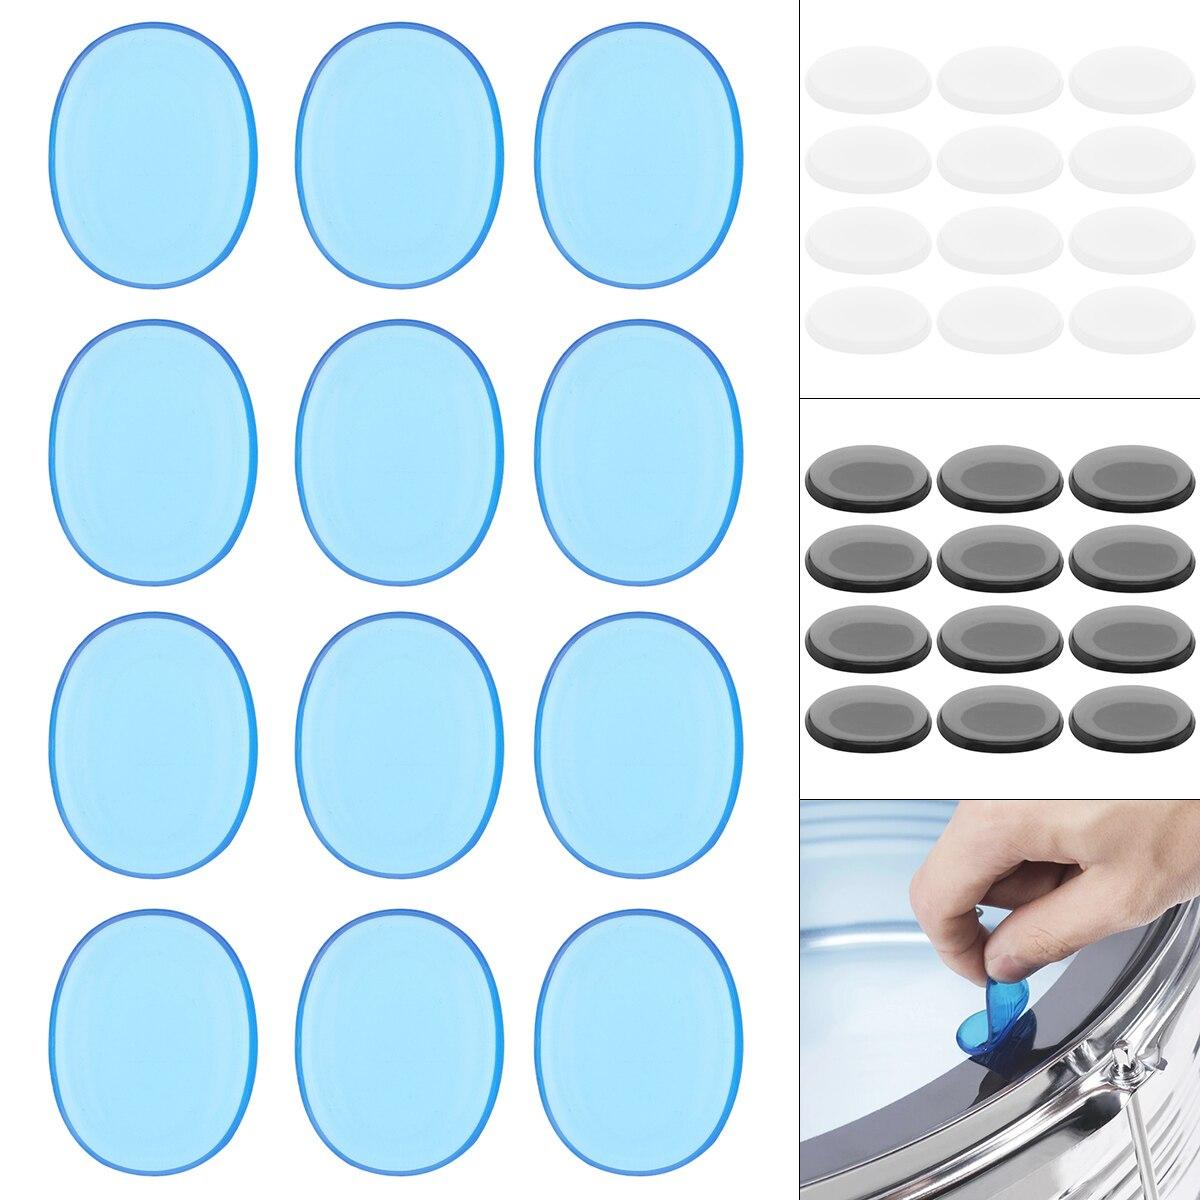 Lote Tambor Mudo Almofada Silicone Transparente Jazz Snare Silenciador 3 Cores Opcionais 12 Pçs –